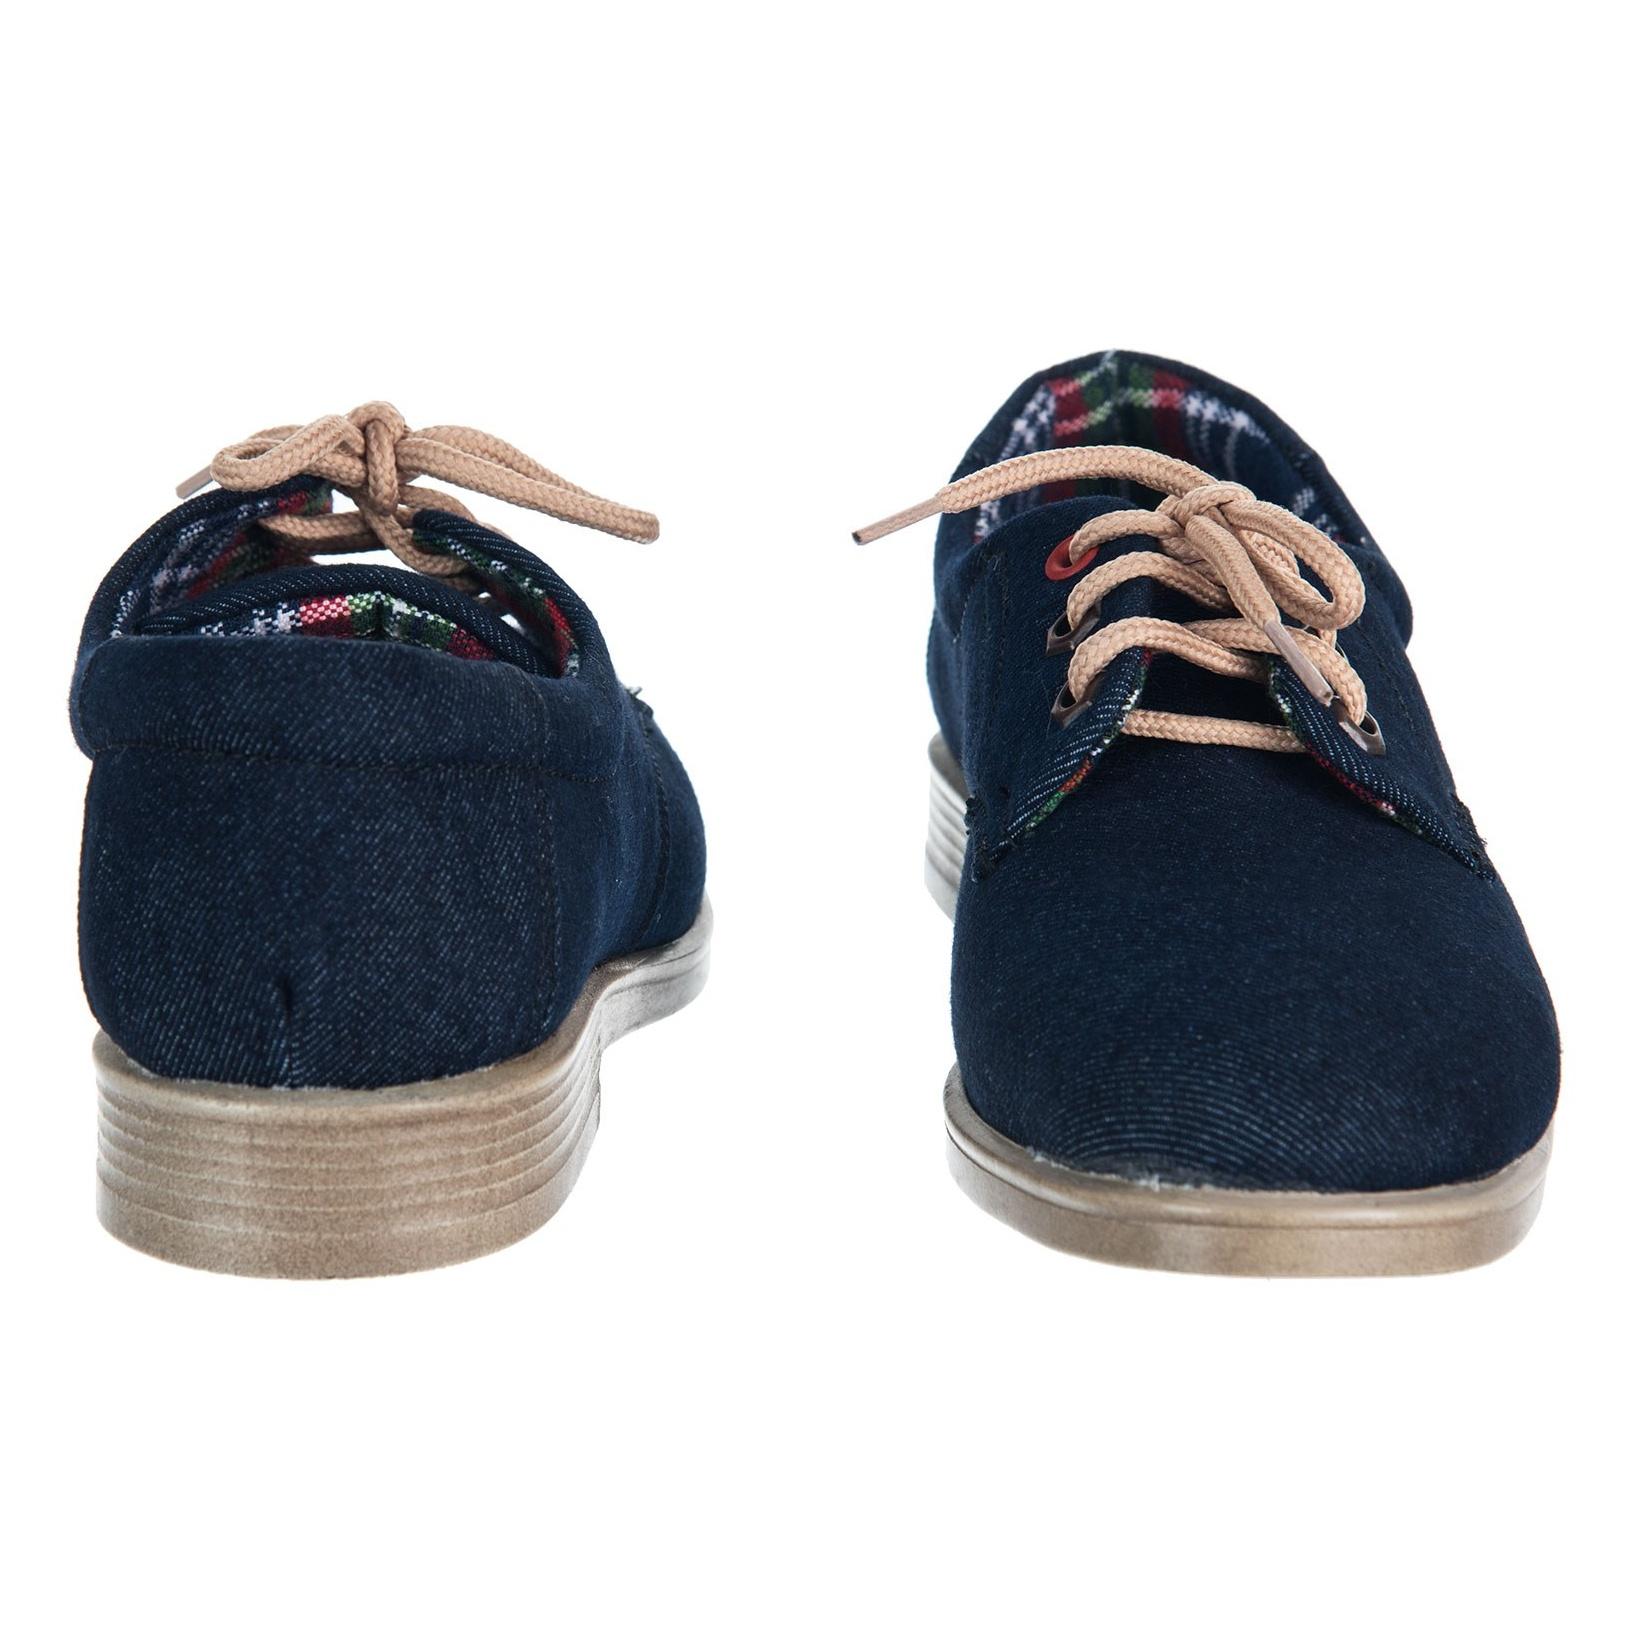 کفش تخت زنانه مدل جین - مینا فخارزاده - سرمه ای - 5